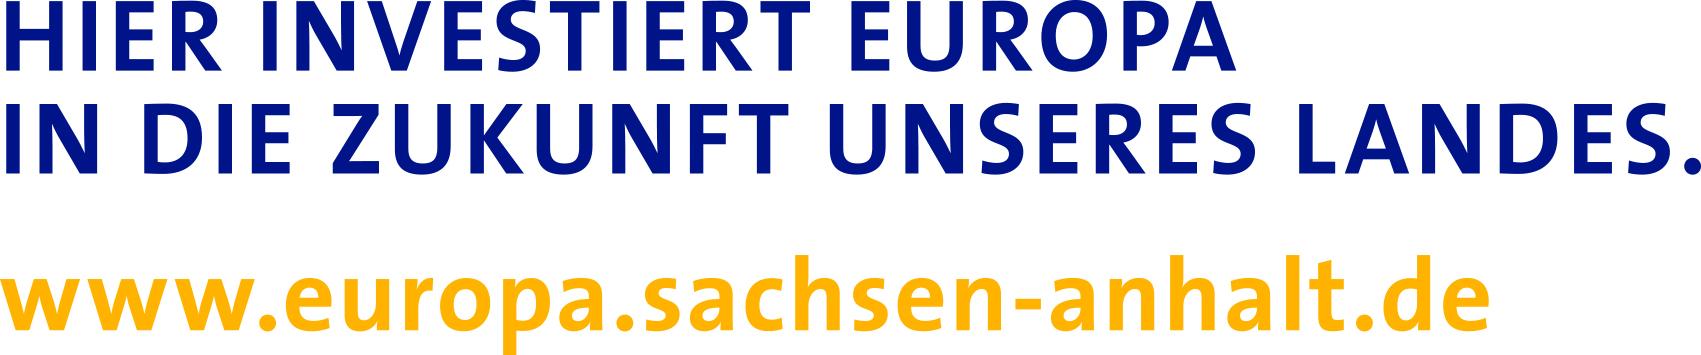 http://www.europa.sachsen-anhalt.de/fileadmin/Bibliothek/Politik_und_Verwaltung/StK/Europa/Bibliothek_EU-Fonds/ESI-Fonds_2014-2020/Gestaltungsrichtlinien_ESI-Fonds/Vorlagen_ESIF/ESIF_hier.investiert.europa.in.d.zukunft_rgb_web.jpg